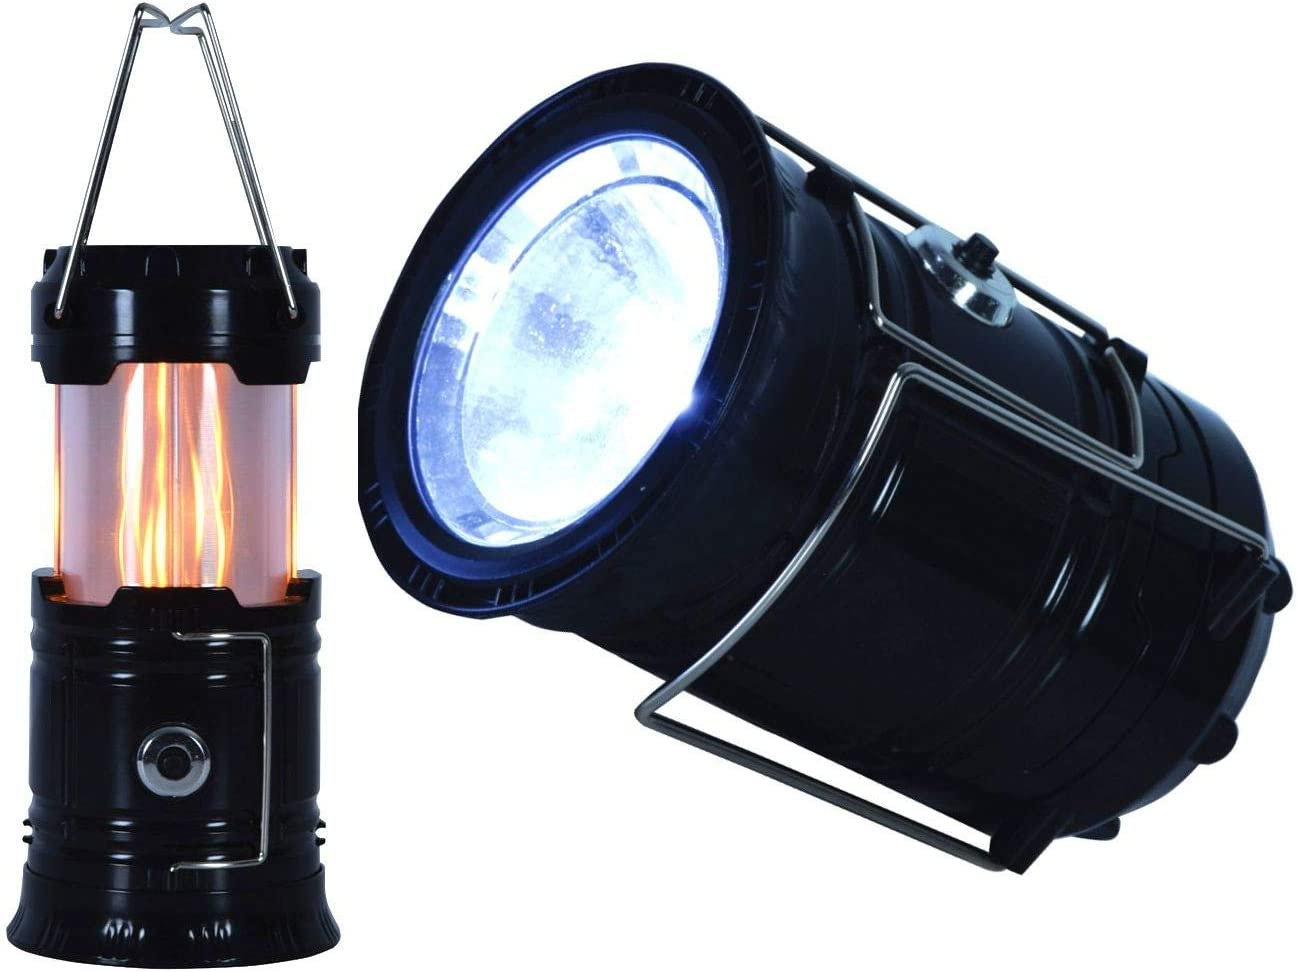 2in1 tragbar RCE RCE496551 Taschenlampe Schwarz mit wei/ßem Licht und Flammeneffekt LED Camping